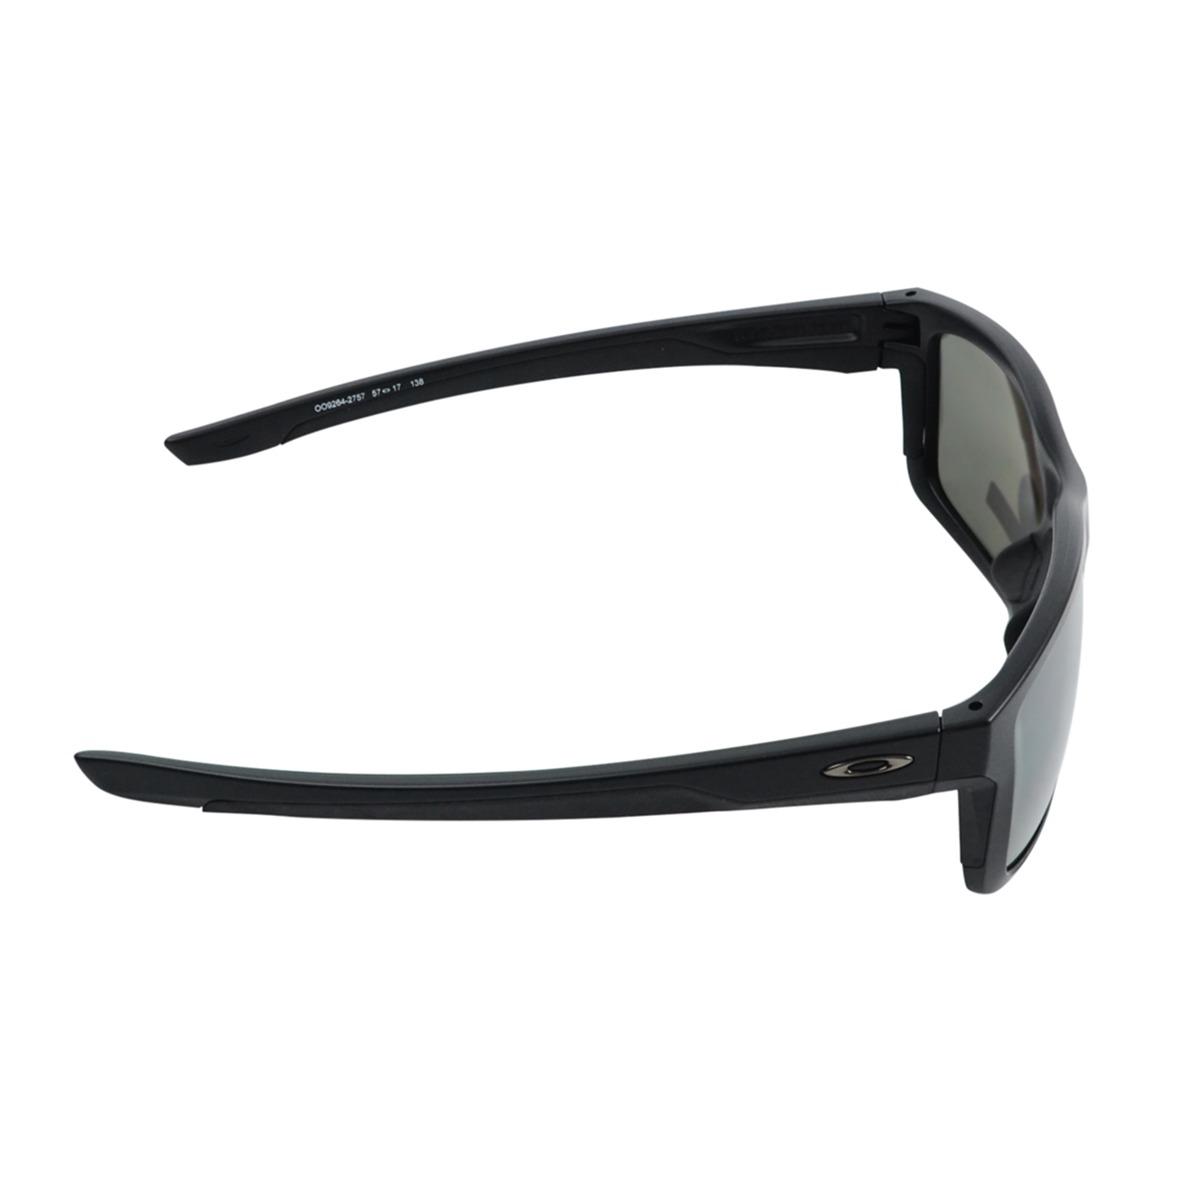 c95c3e57bc2c5 Óculos Oakley Mainlink Matte Preto - R  781,00 em Mercado Livre